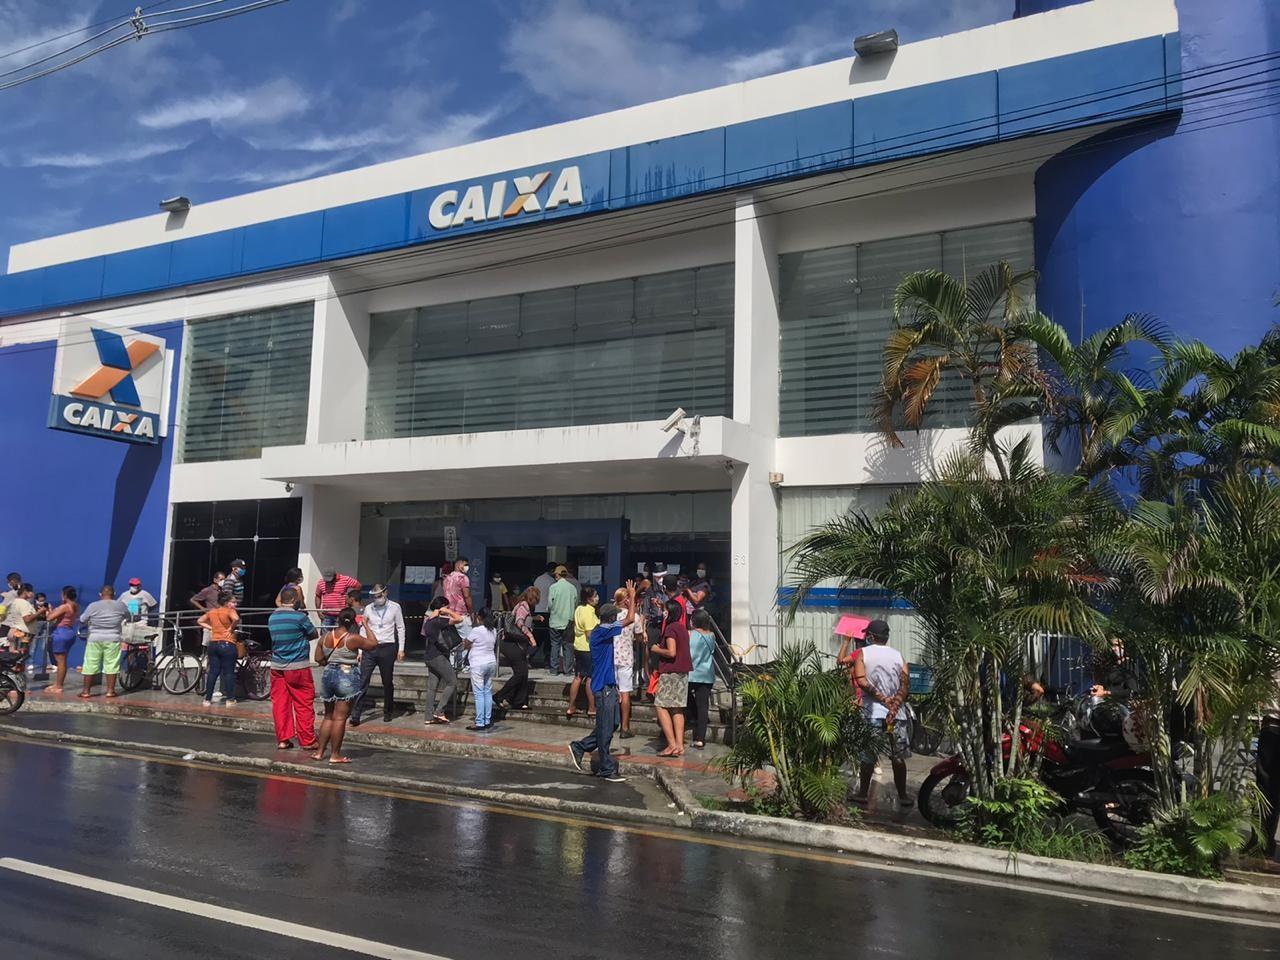 CAIXA abre 8 agências no sábado em Alagoas